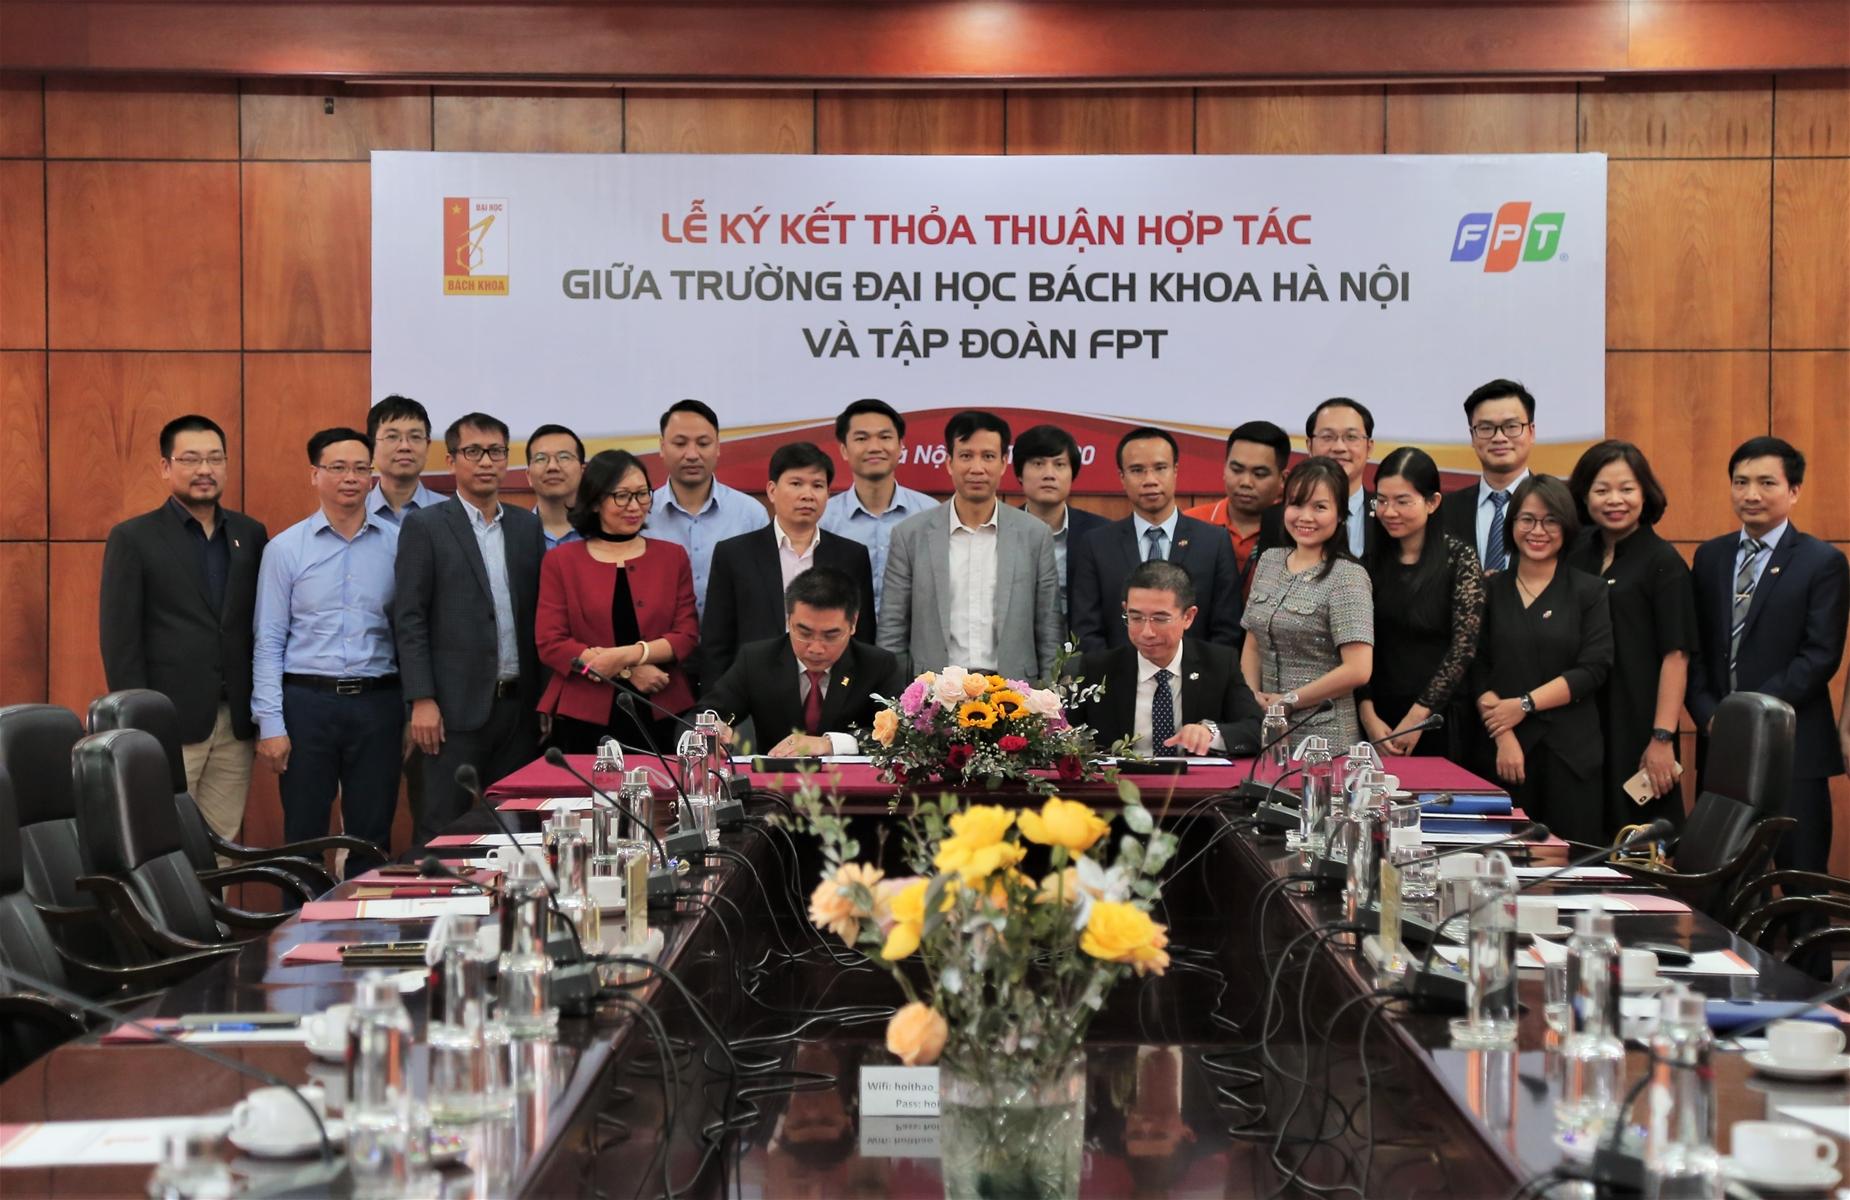 Lễ ký kết thỏa thuận hợp tác của ĐH Bách khoa Hà Nội và FPT. Ảnh: FPT